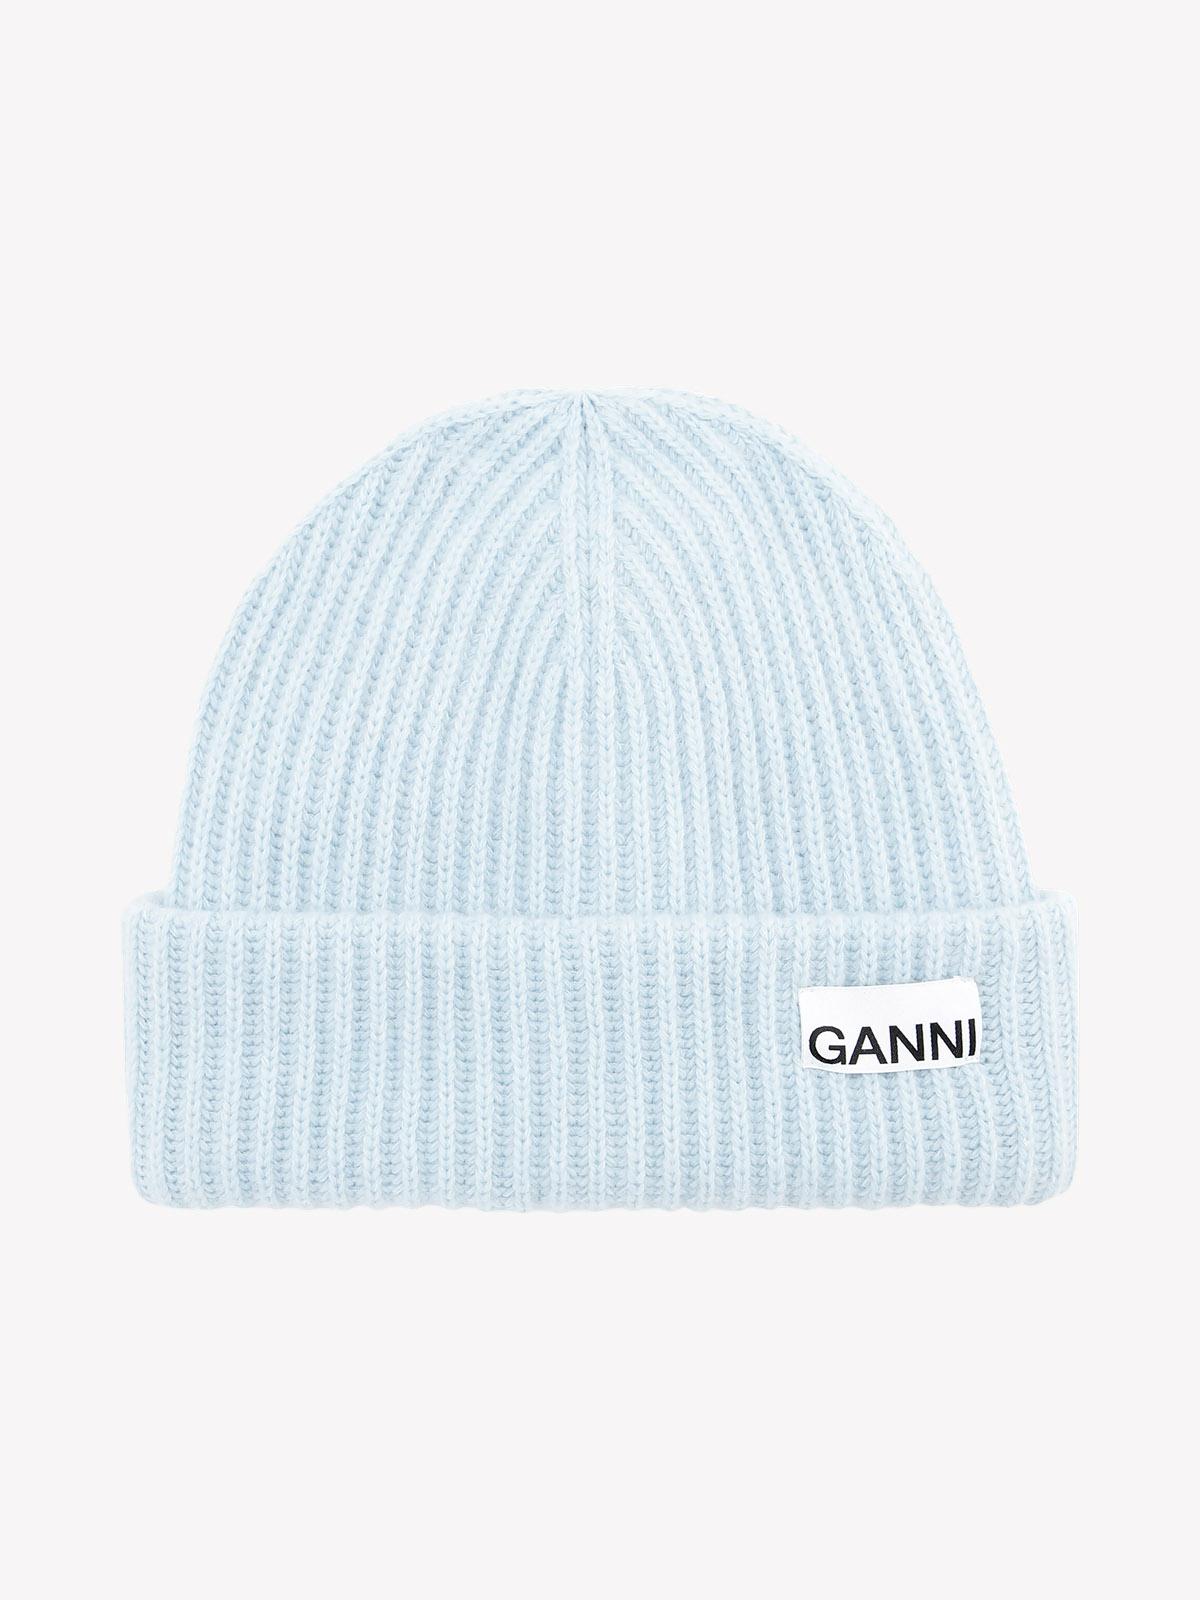 Ganni - GANNI HUE HEATHER